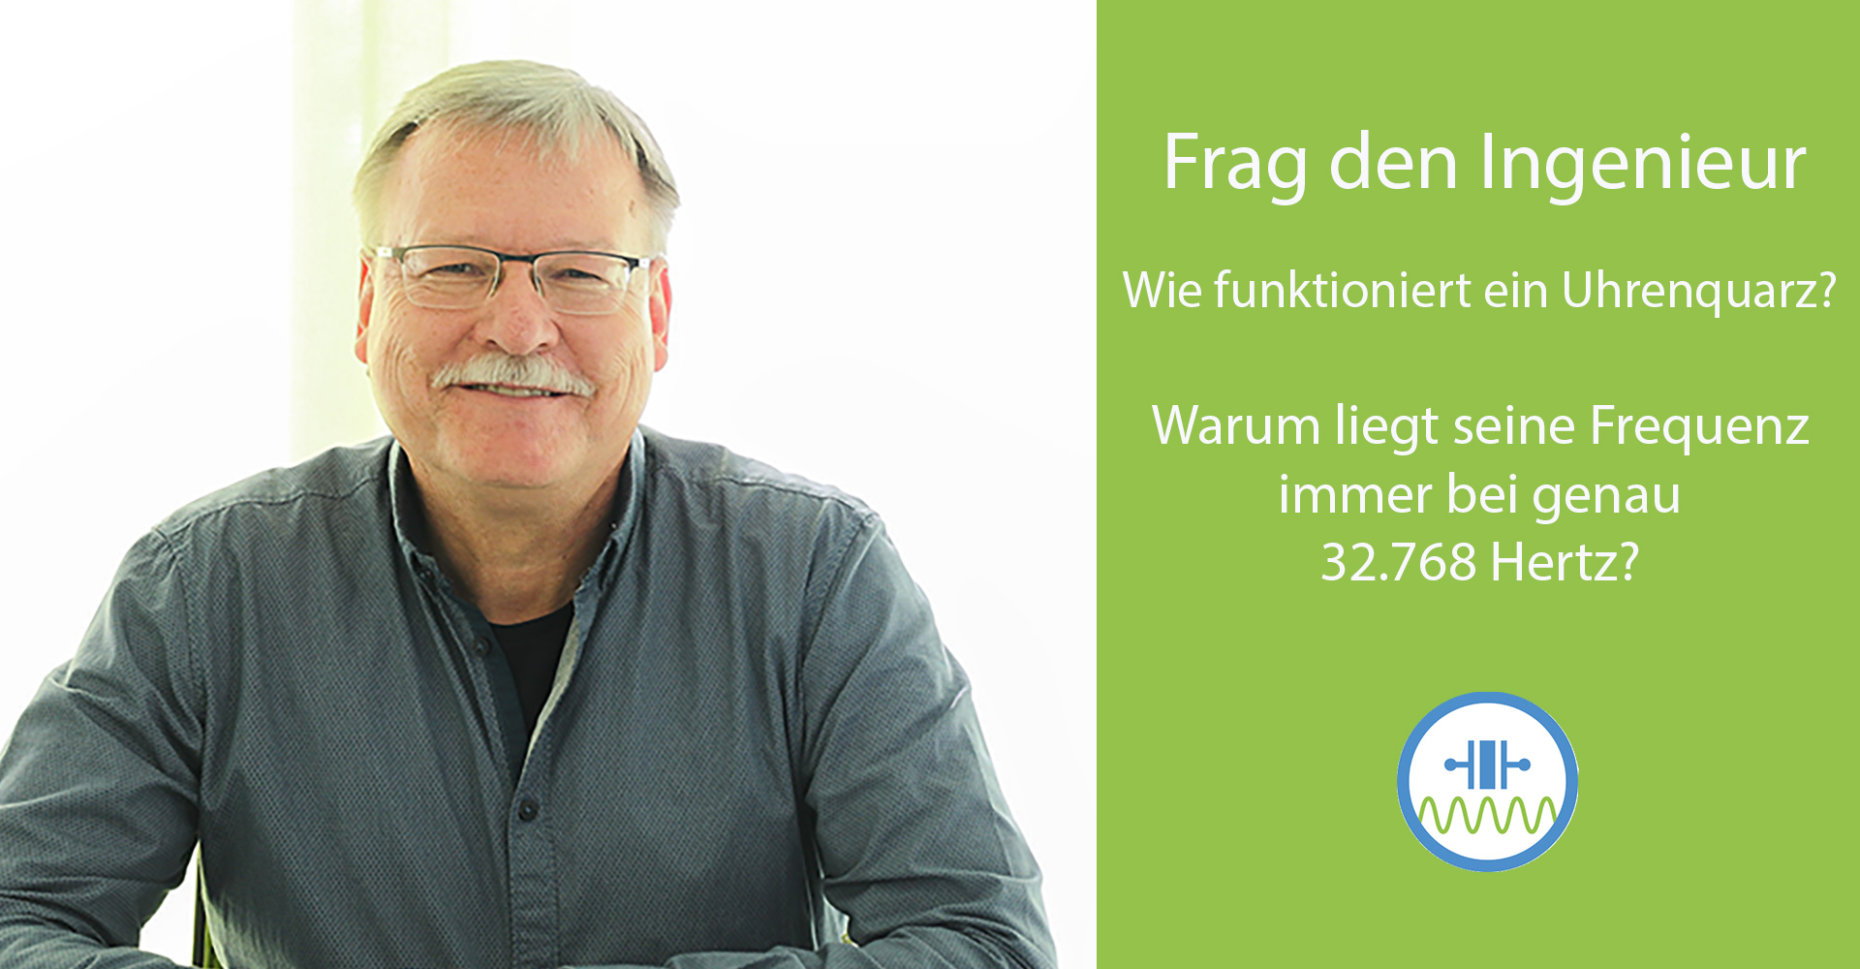 Chrisrtian Büchler, Head of Technical Support bei Jauch